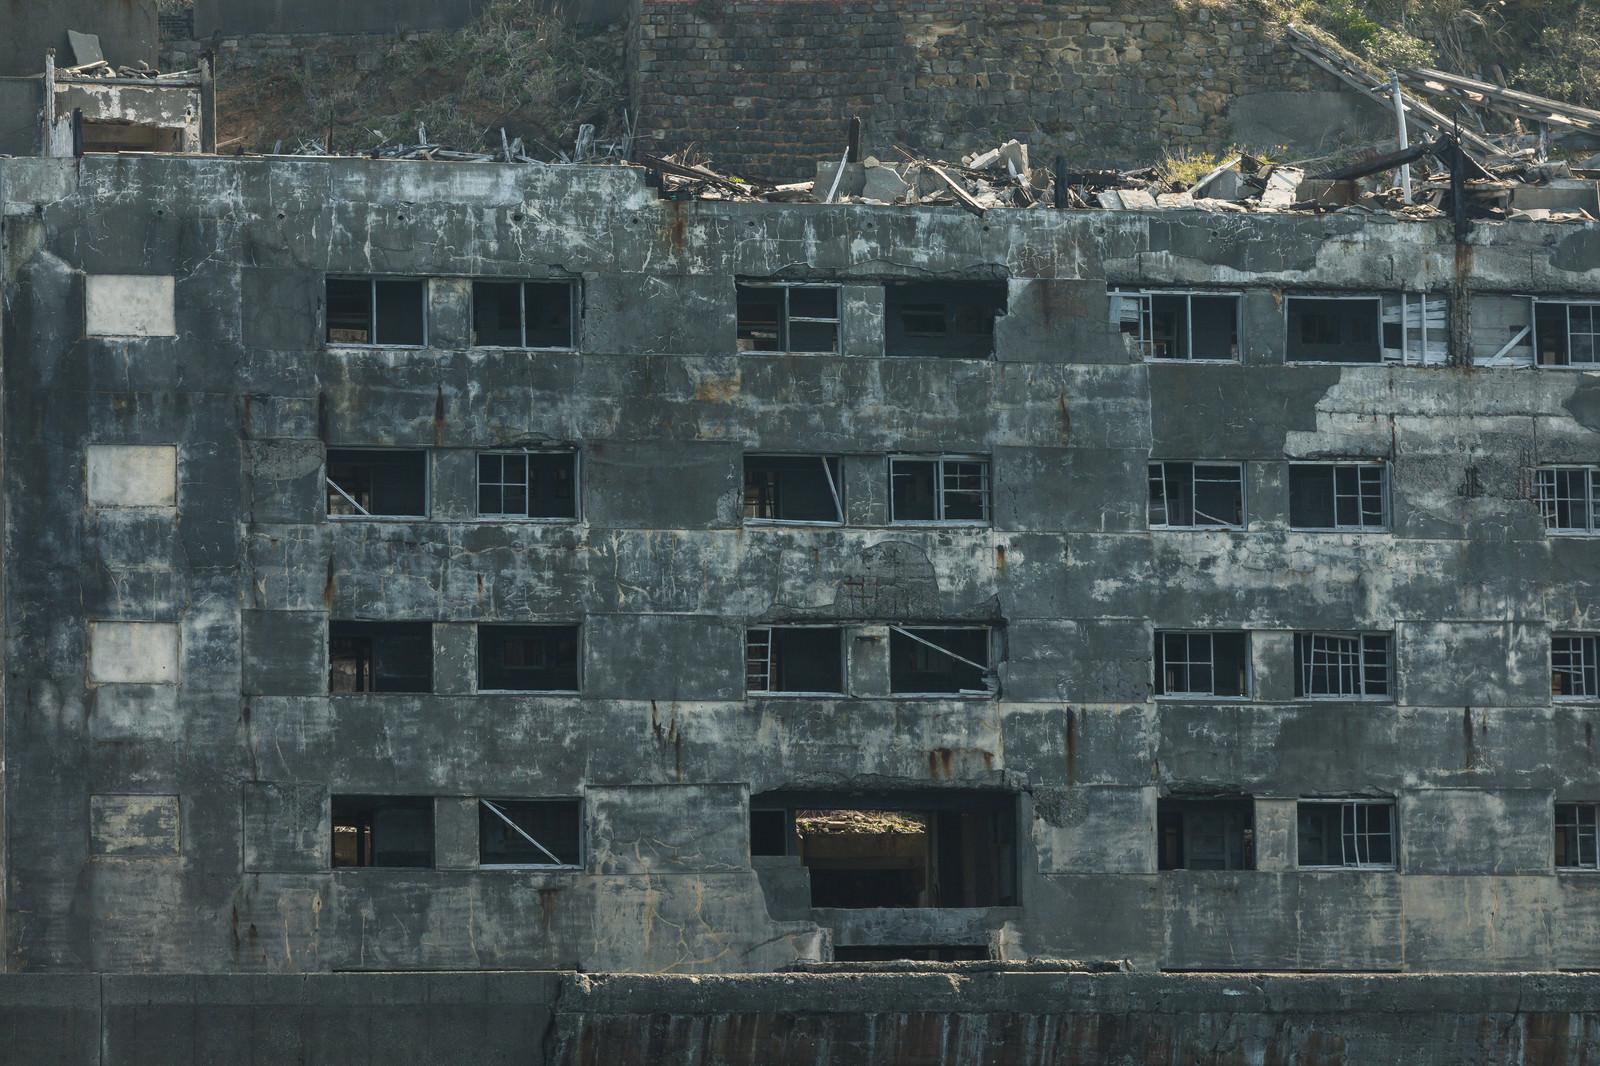 「崩れた窓が不気味に残る31号棟(軍艦島)」の写真